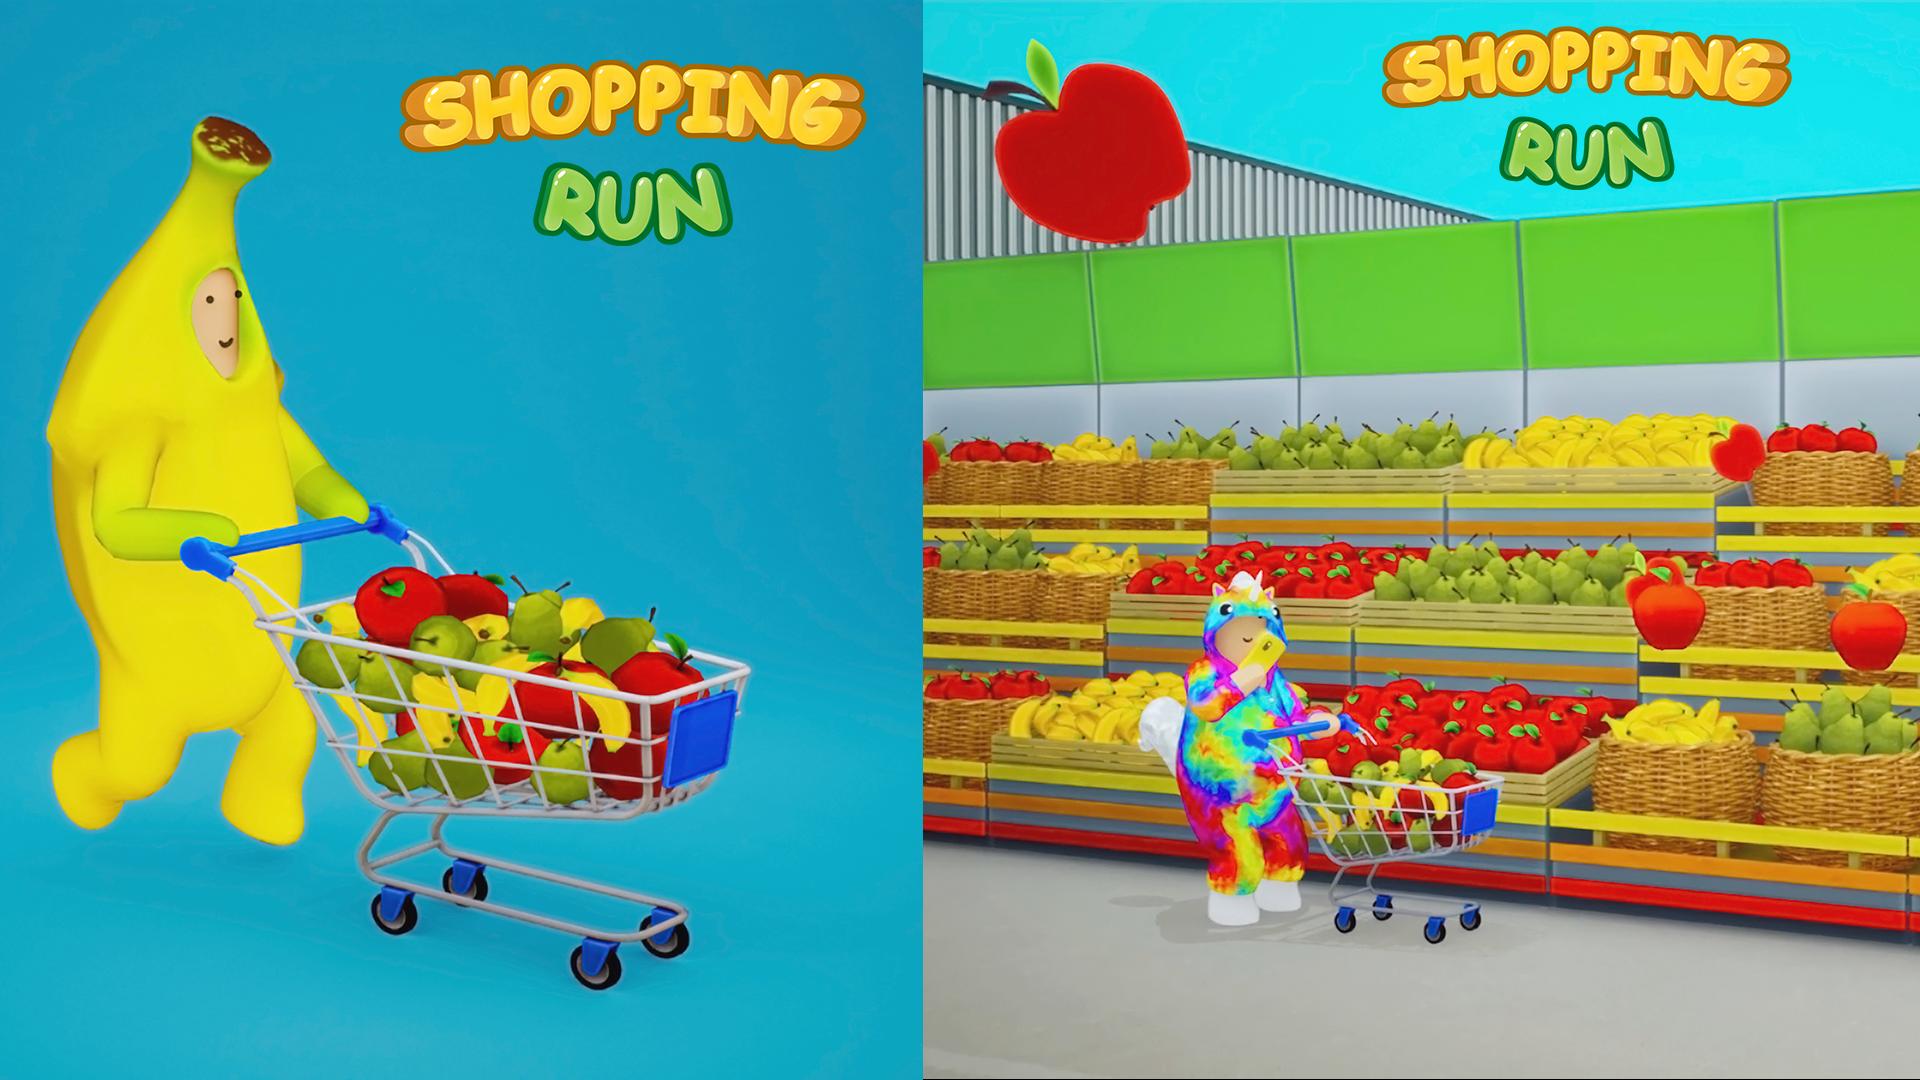 Shopping run